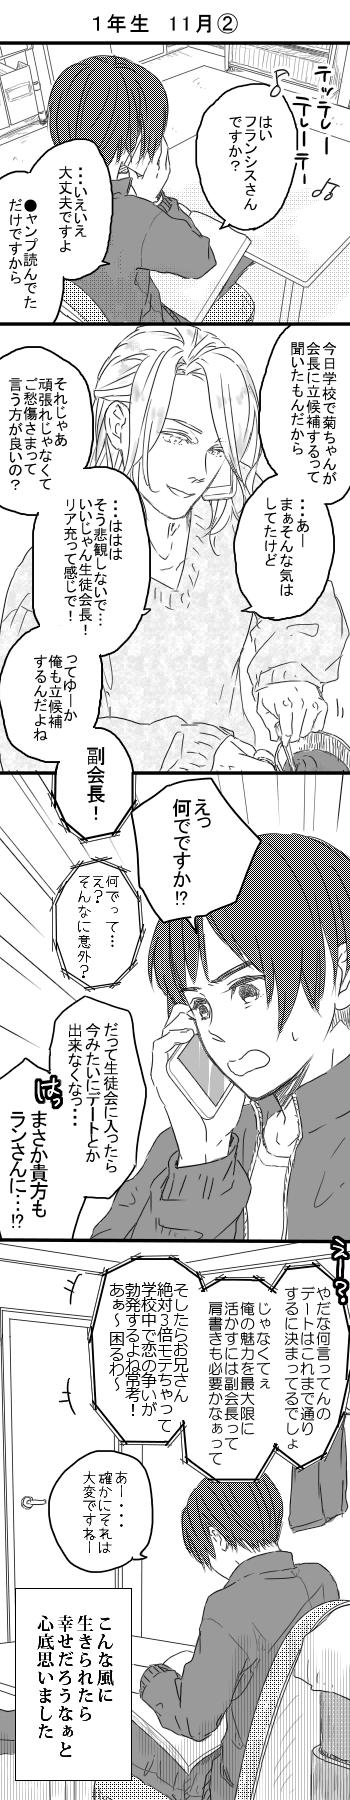 S学パロ4コマ1-11_2